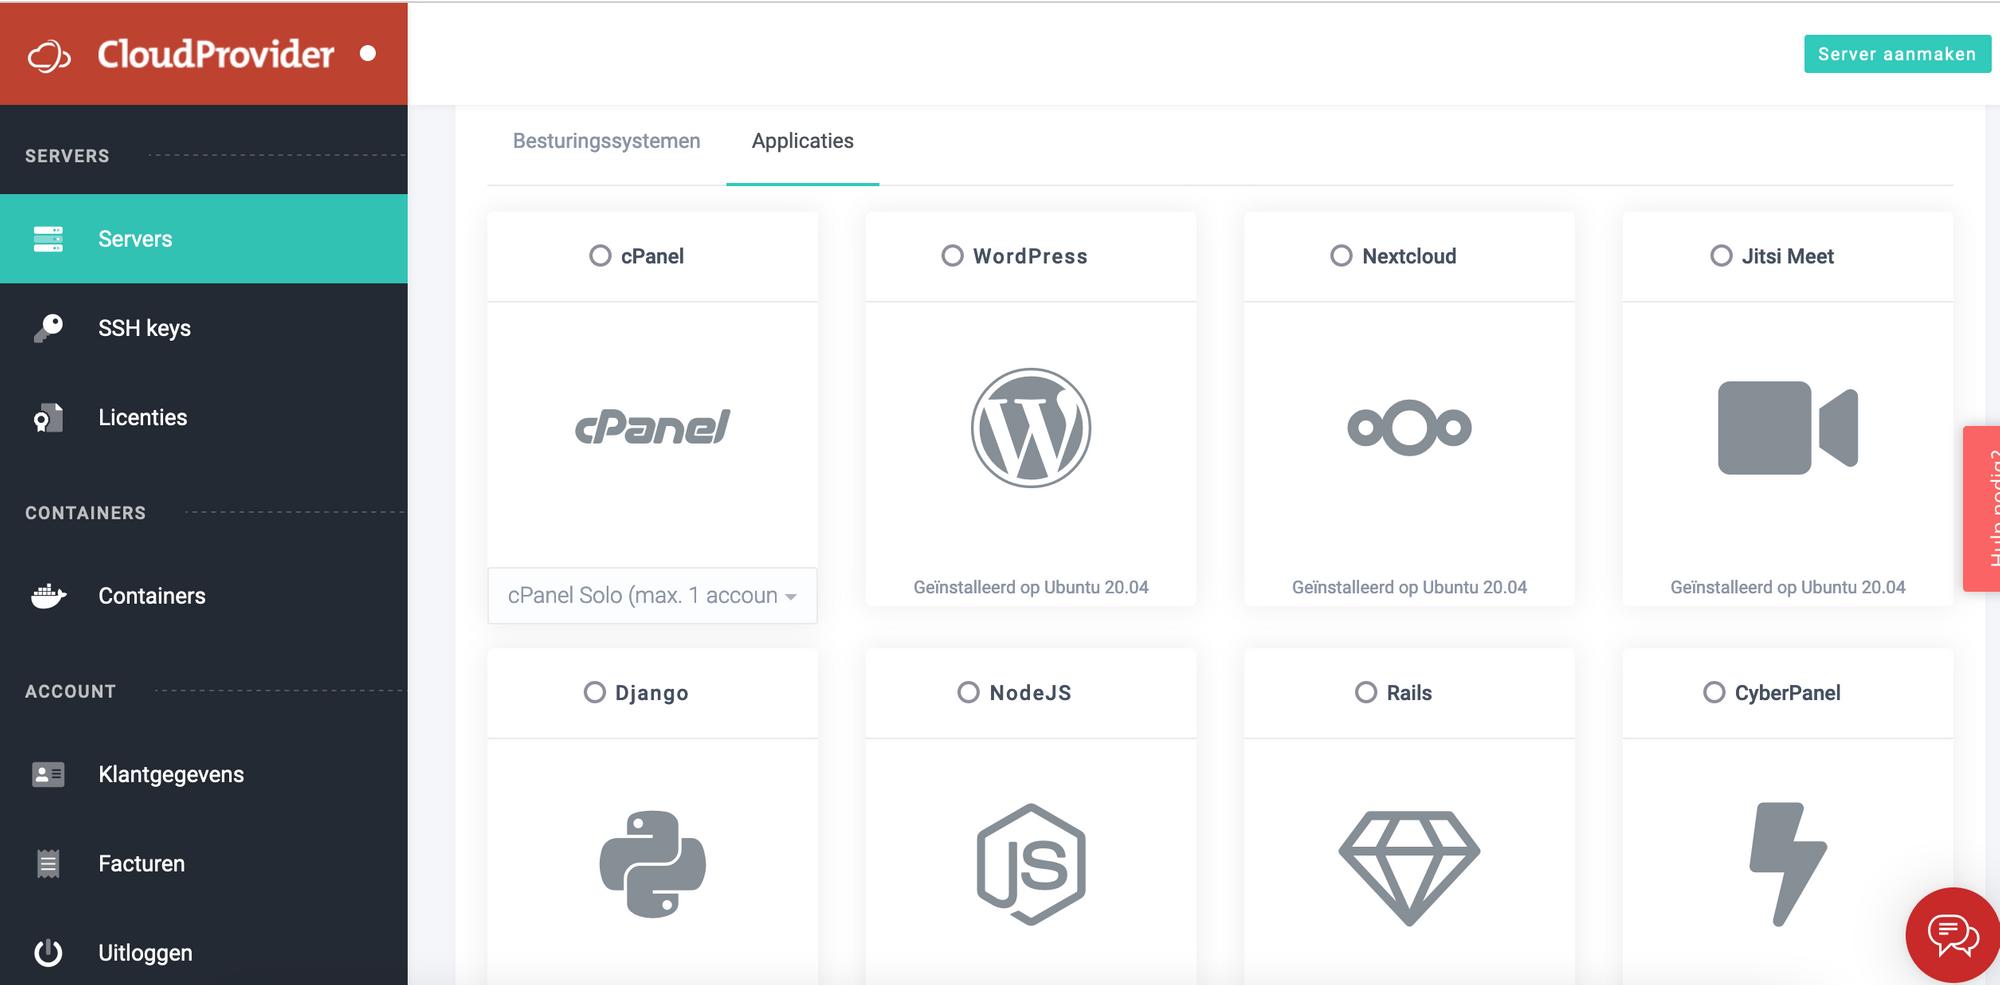 Nieuwe VPS opties: SSH keys, licenties, cloudinit, meer 1-klik VPS applicaties